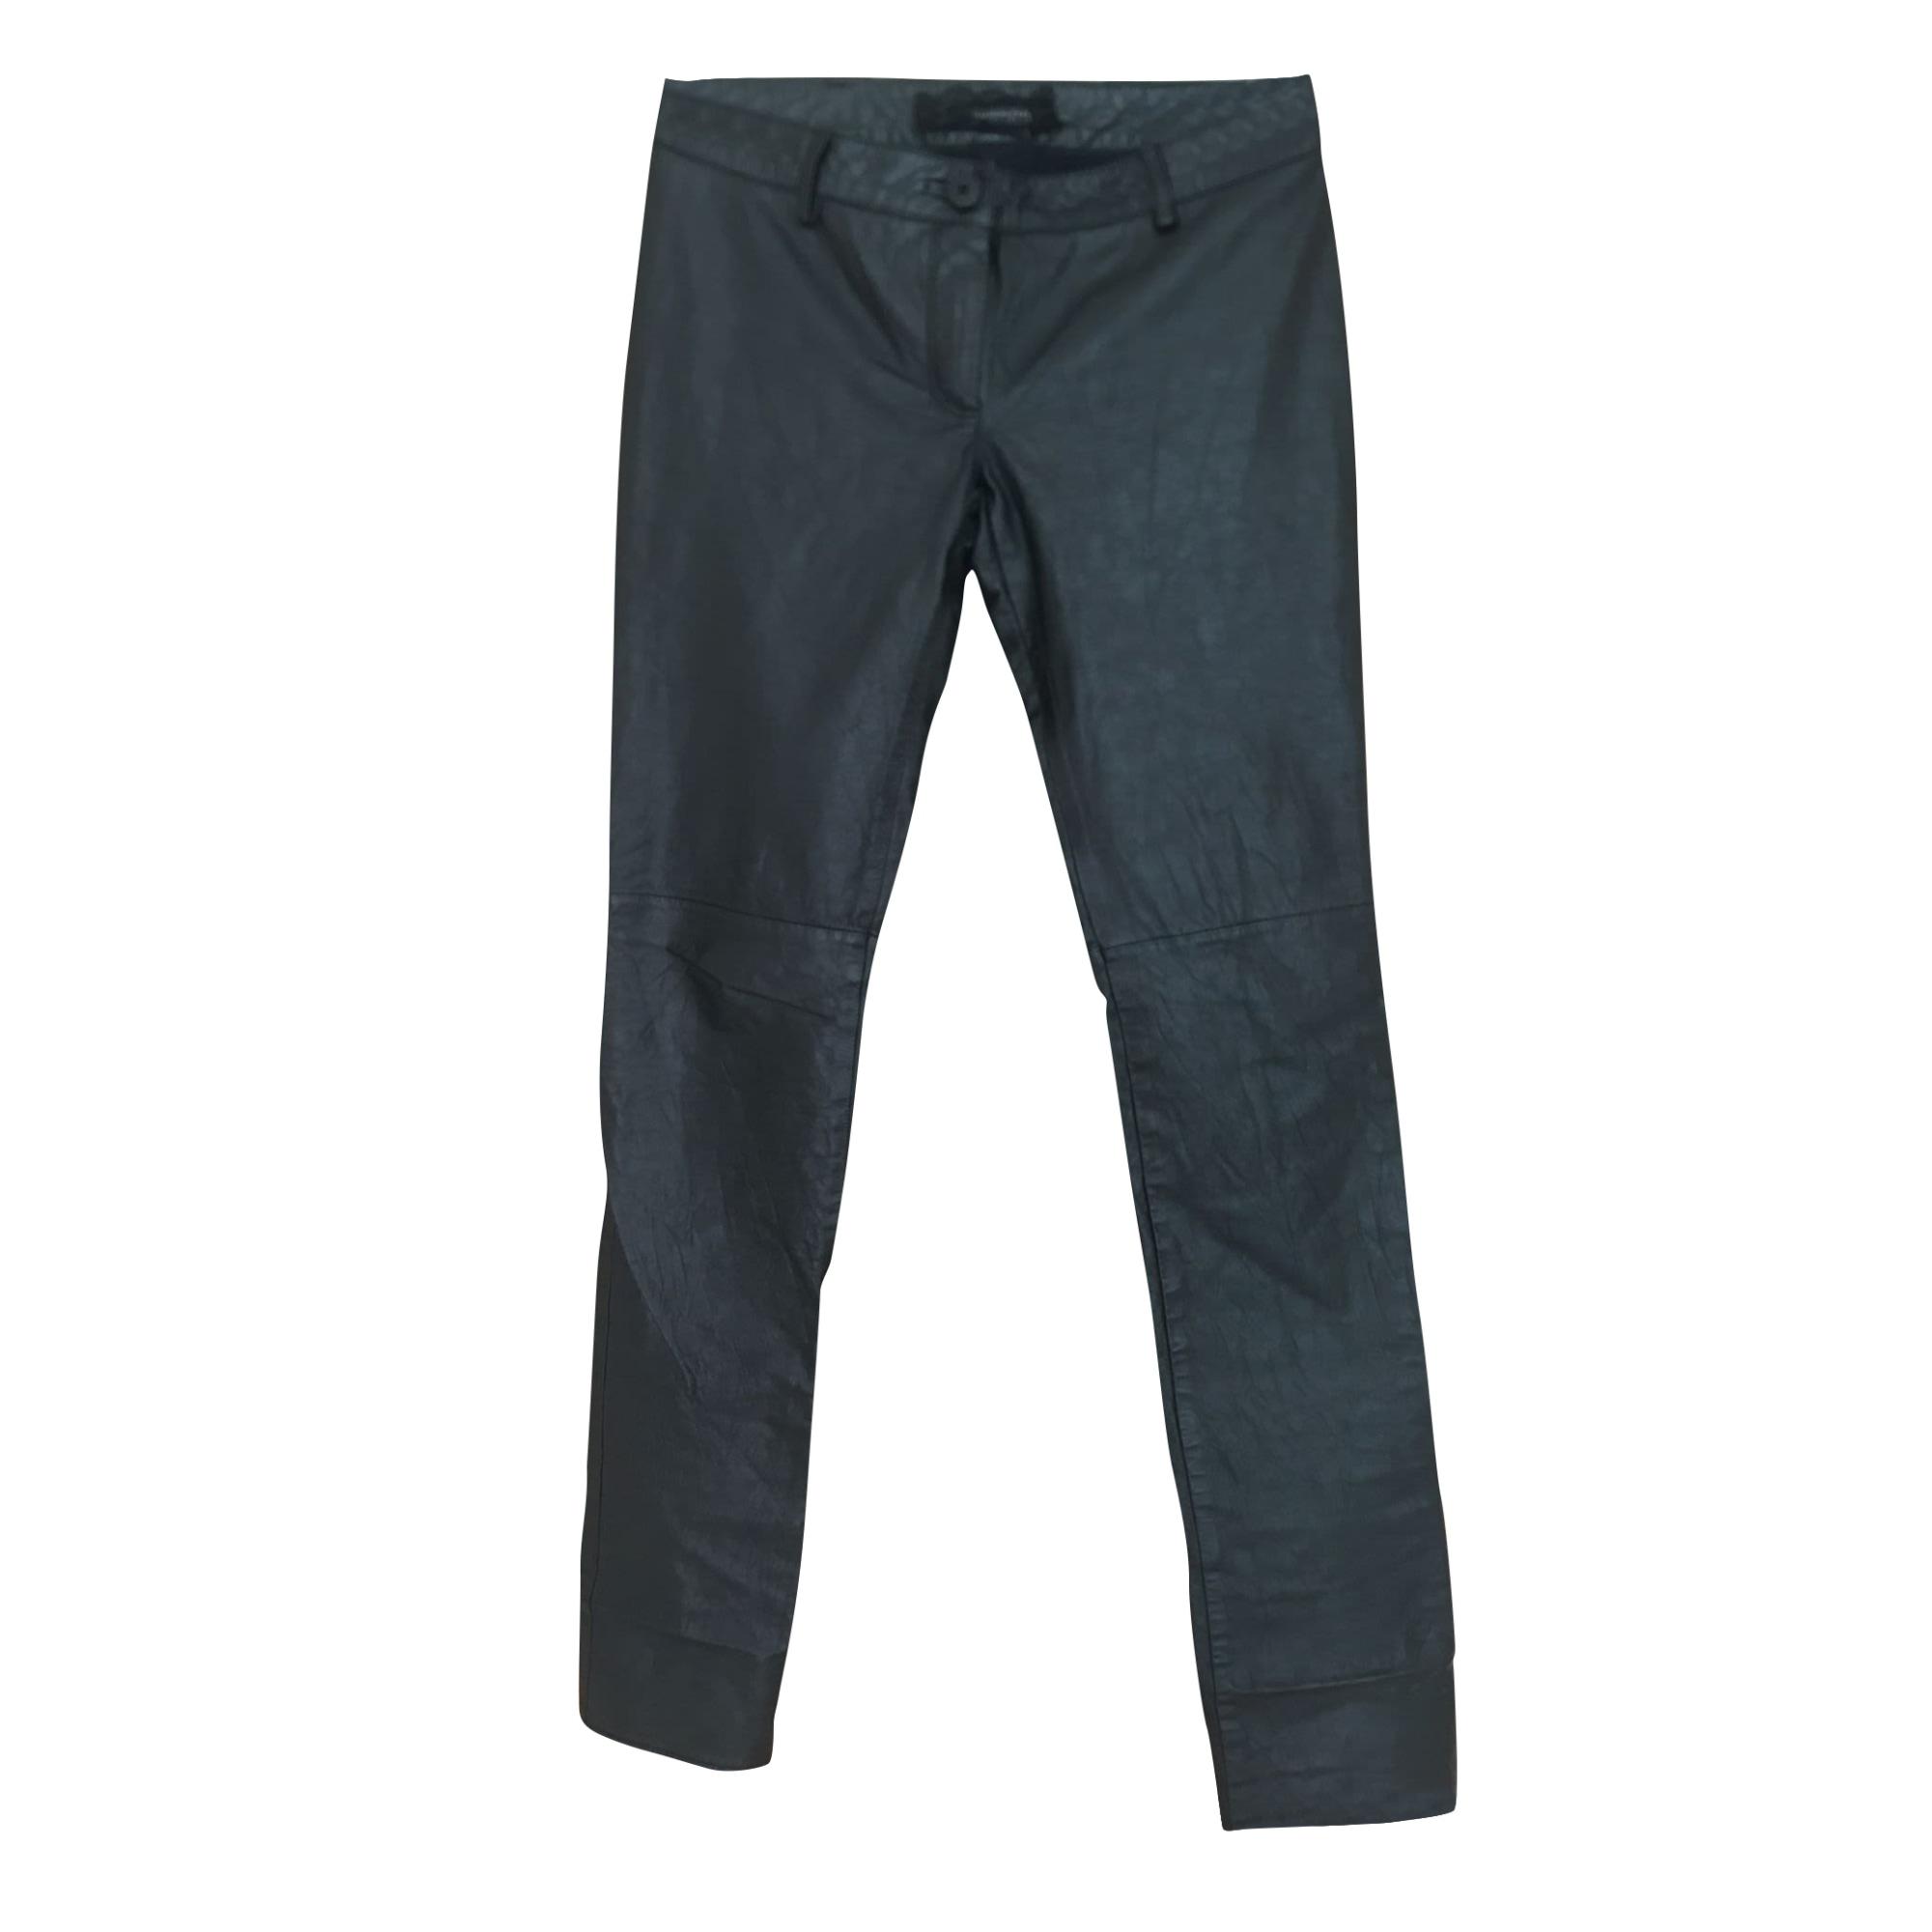 Pantalon slim, cigarette PATRIZIA PEPE Noir